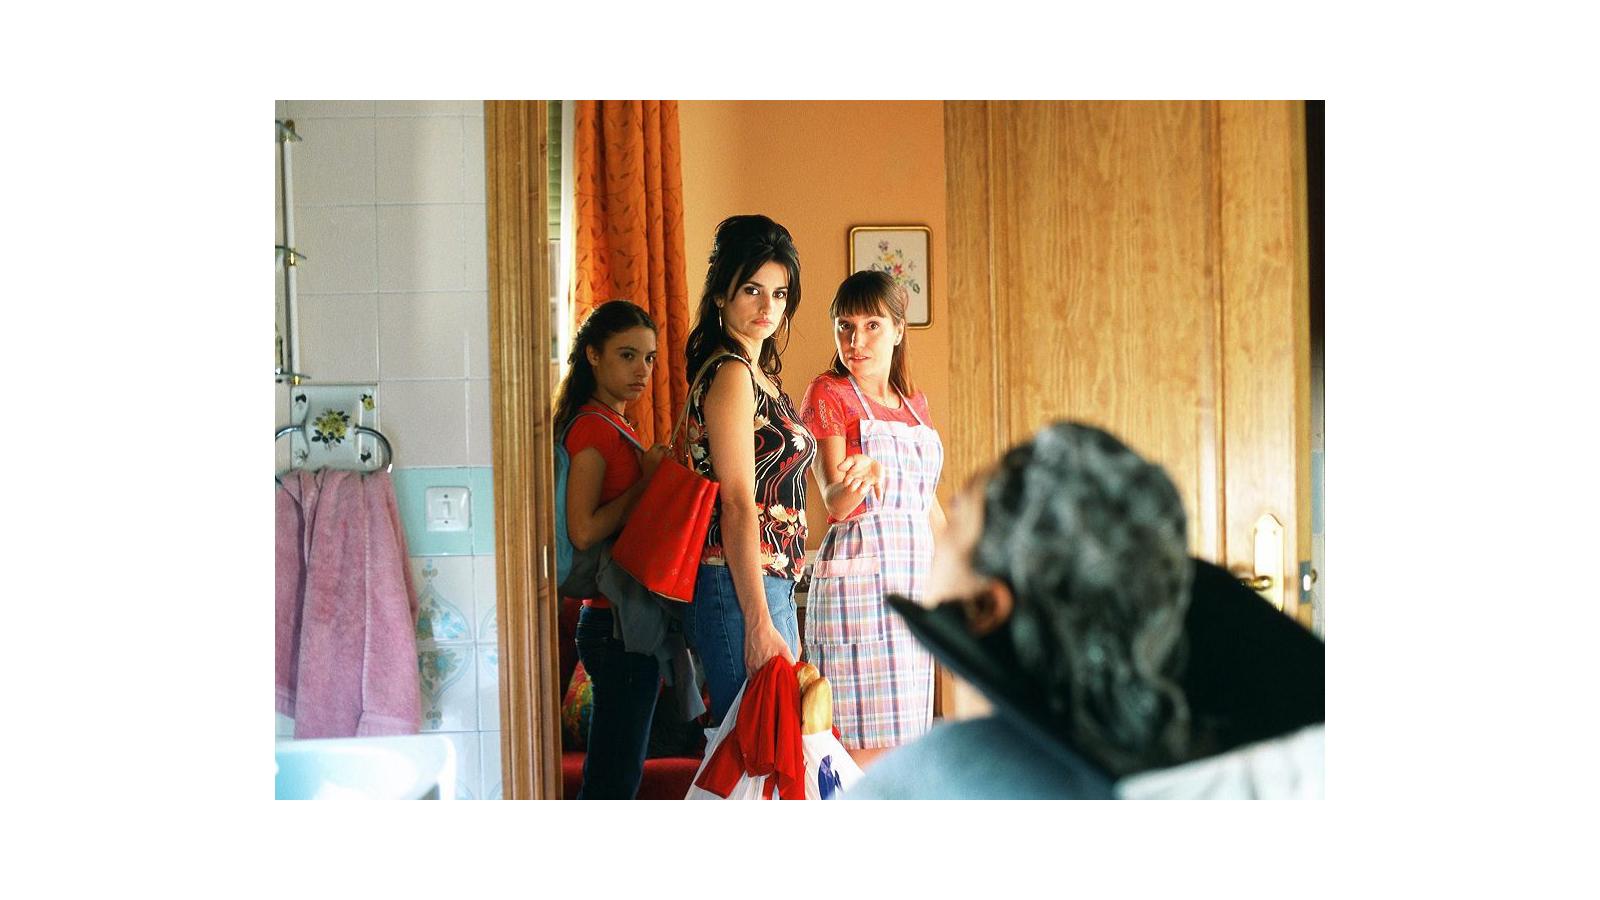 Scena tratta dal film Volver di Pedro Almodovar